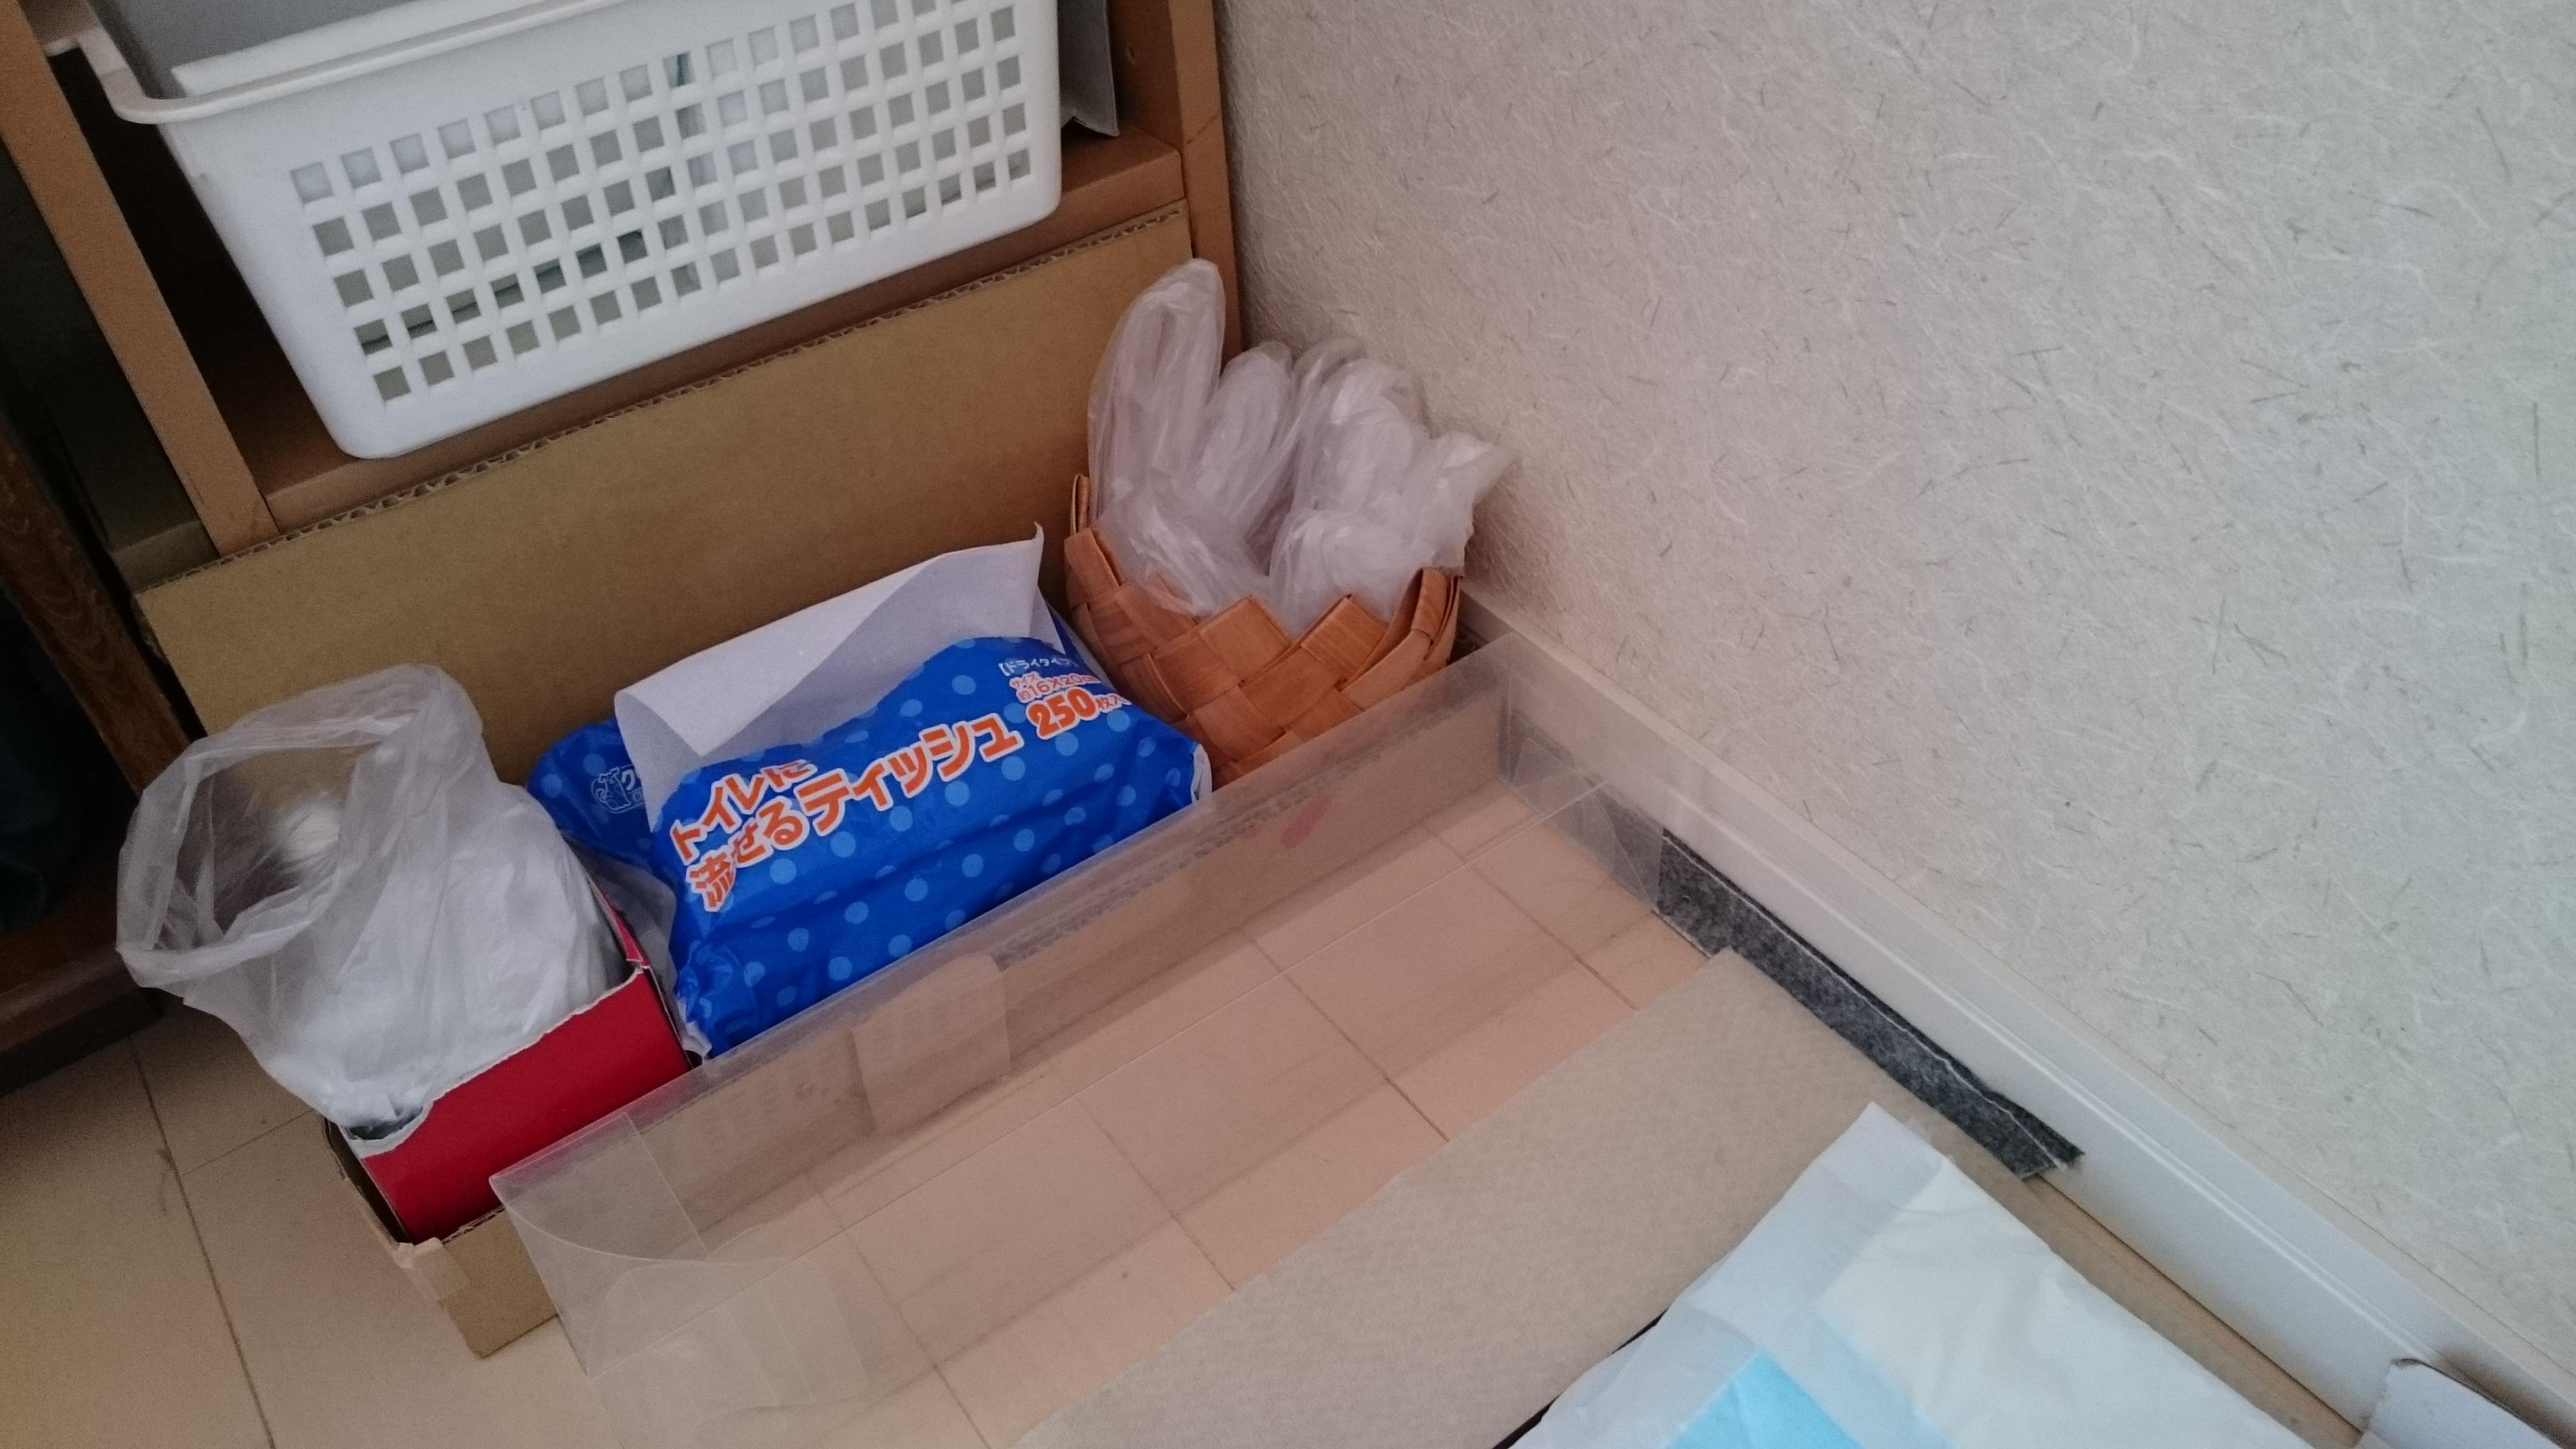 トイレに流せるティッシュ (便処理 掃除用品)